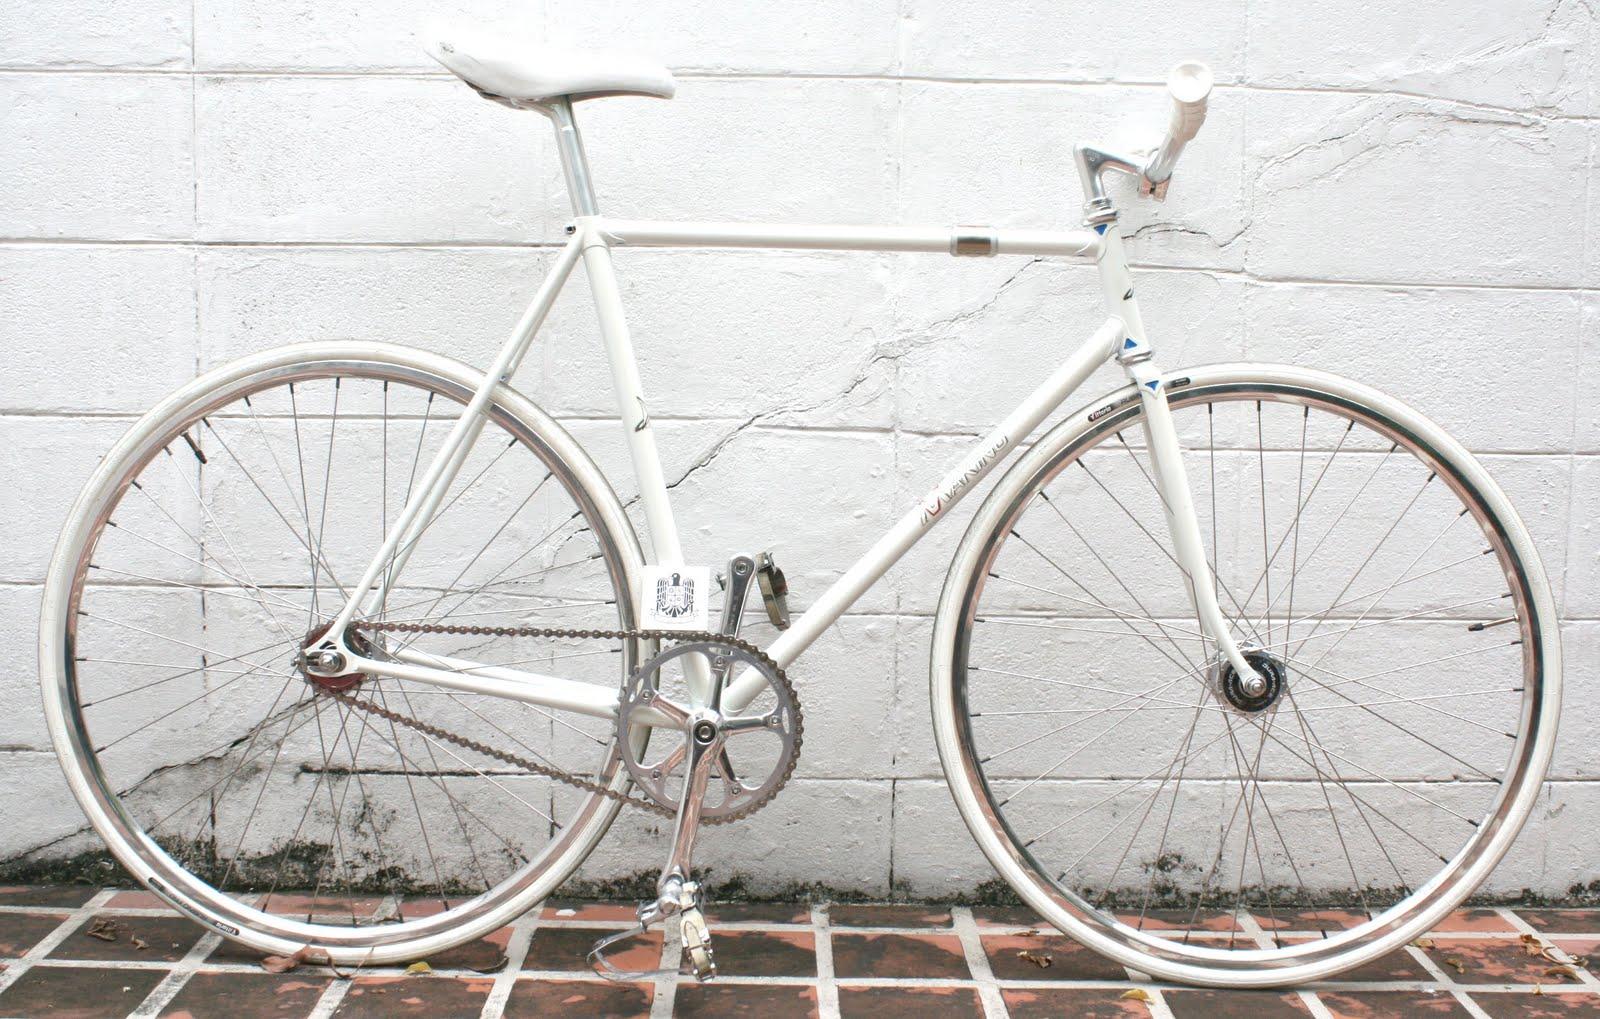 DUCKFIXED: SELL Makino NJS Kerin track frame white